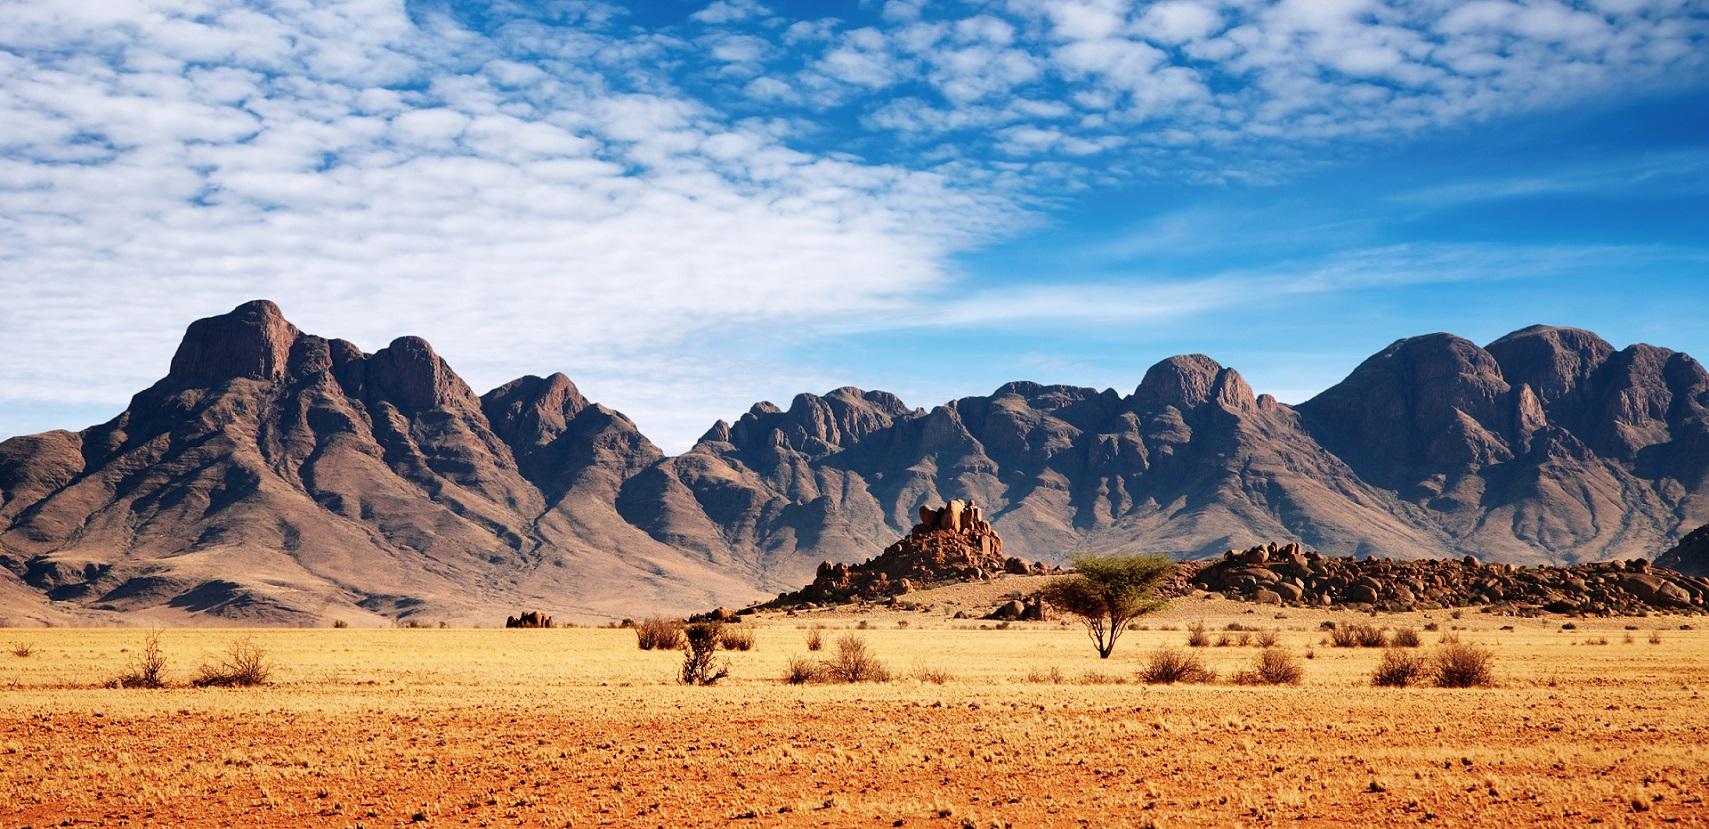 Namibia Shutterstock 1 - Turismo na África: 10 países imperdíveis que você precisa conhecer!